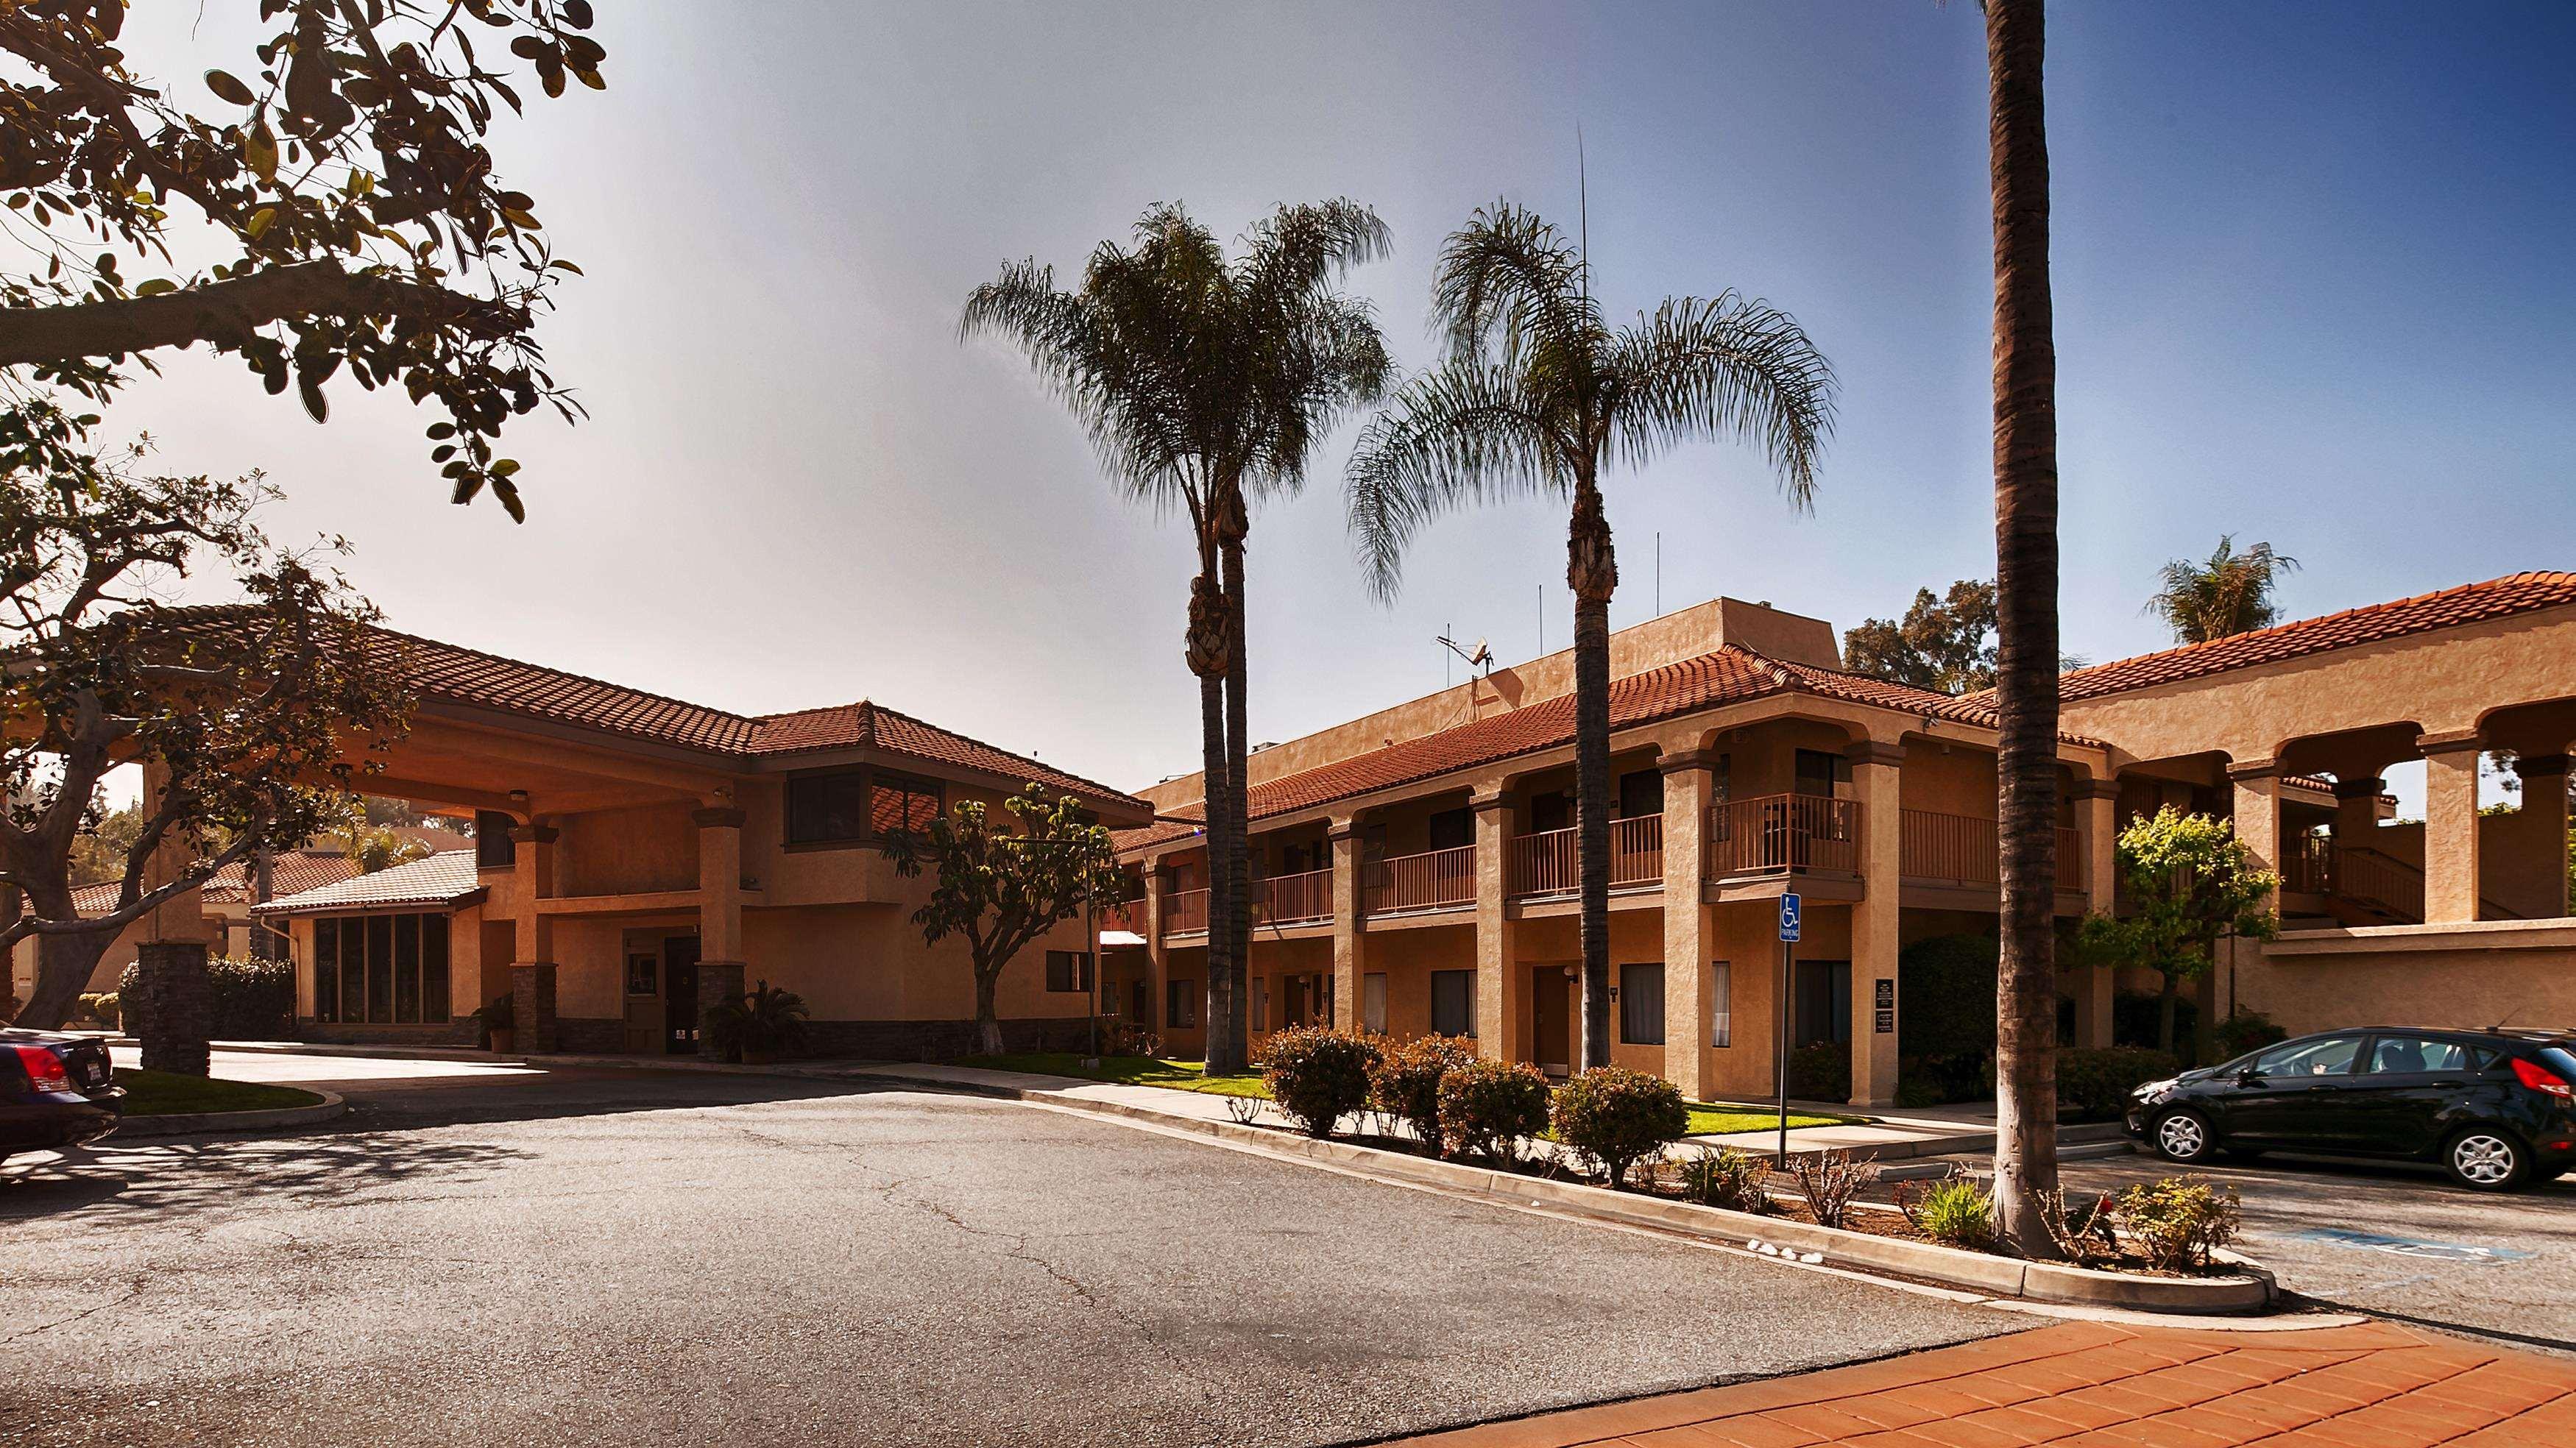 Hotels Near Diamond Bar Ca